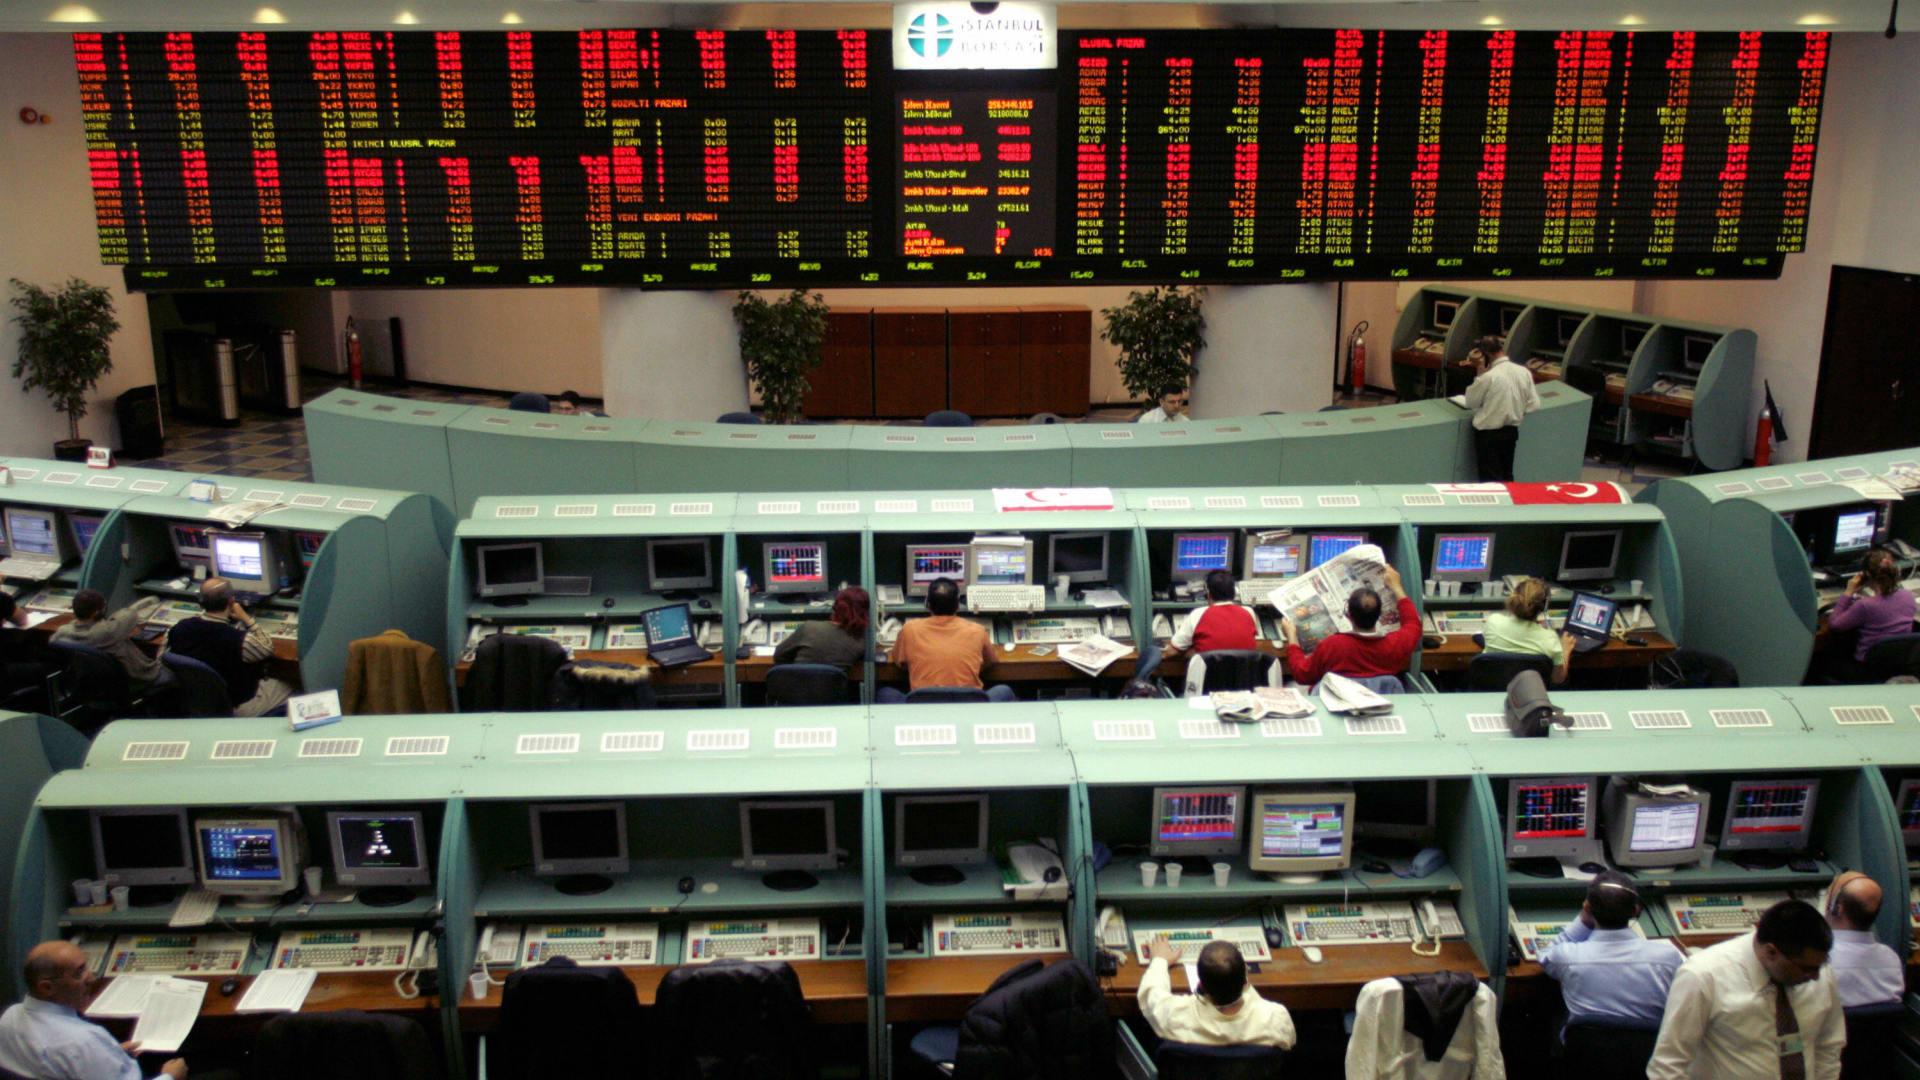 البورصة التركية تسجل أسوأ أداء يومي في نحو 3 سنوات